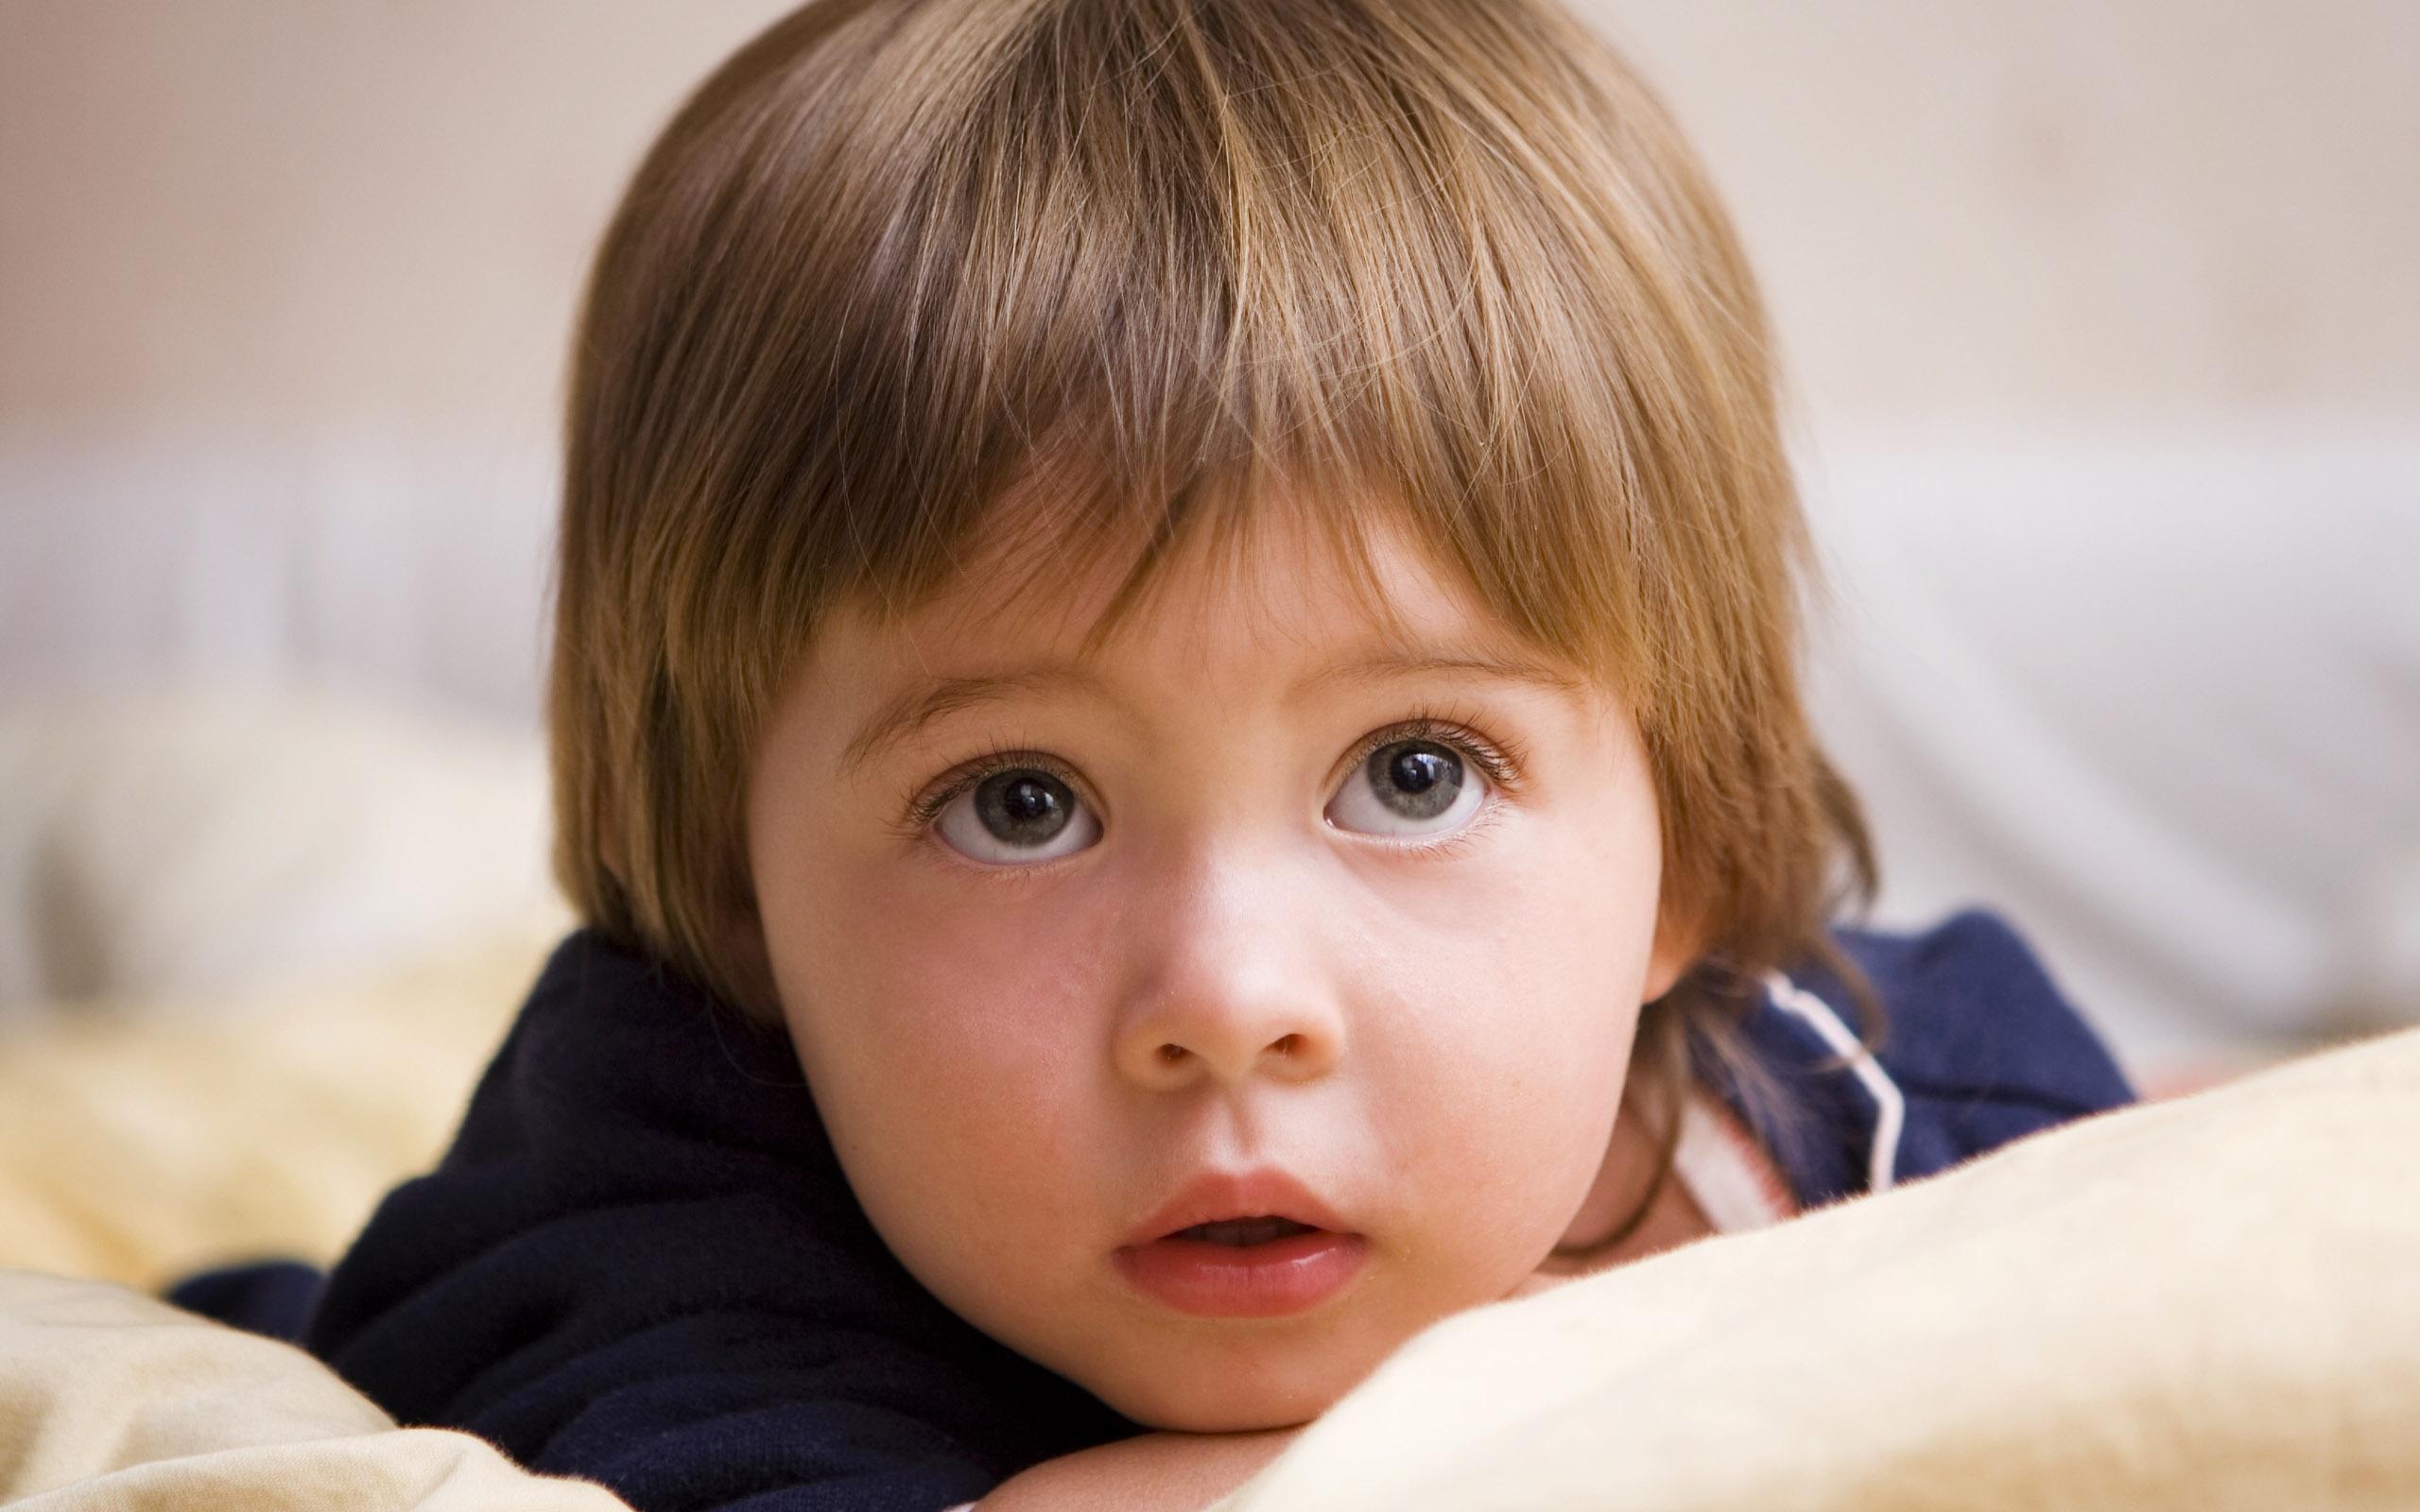 Ребенок 7 лет: психология мальчиков и девочек в 6, 8 лет, советы психолога по воспитанию, как правильно воспитывать детей, частые ошибки родителей | customs.news